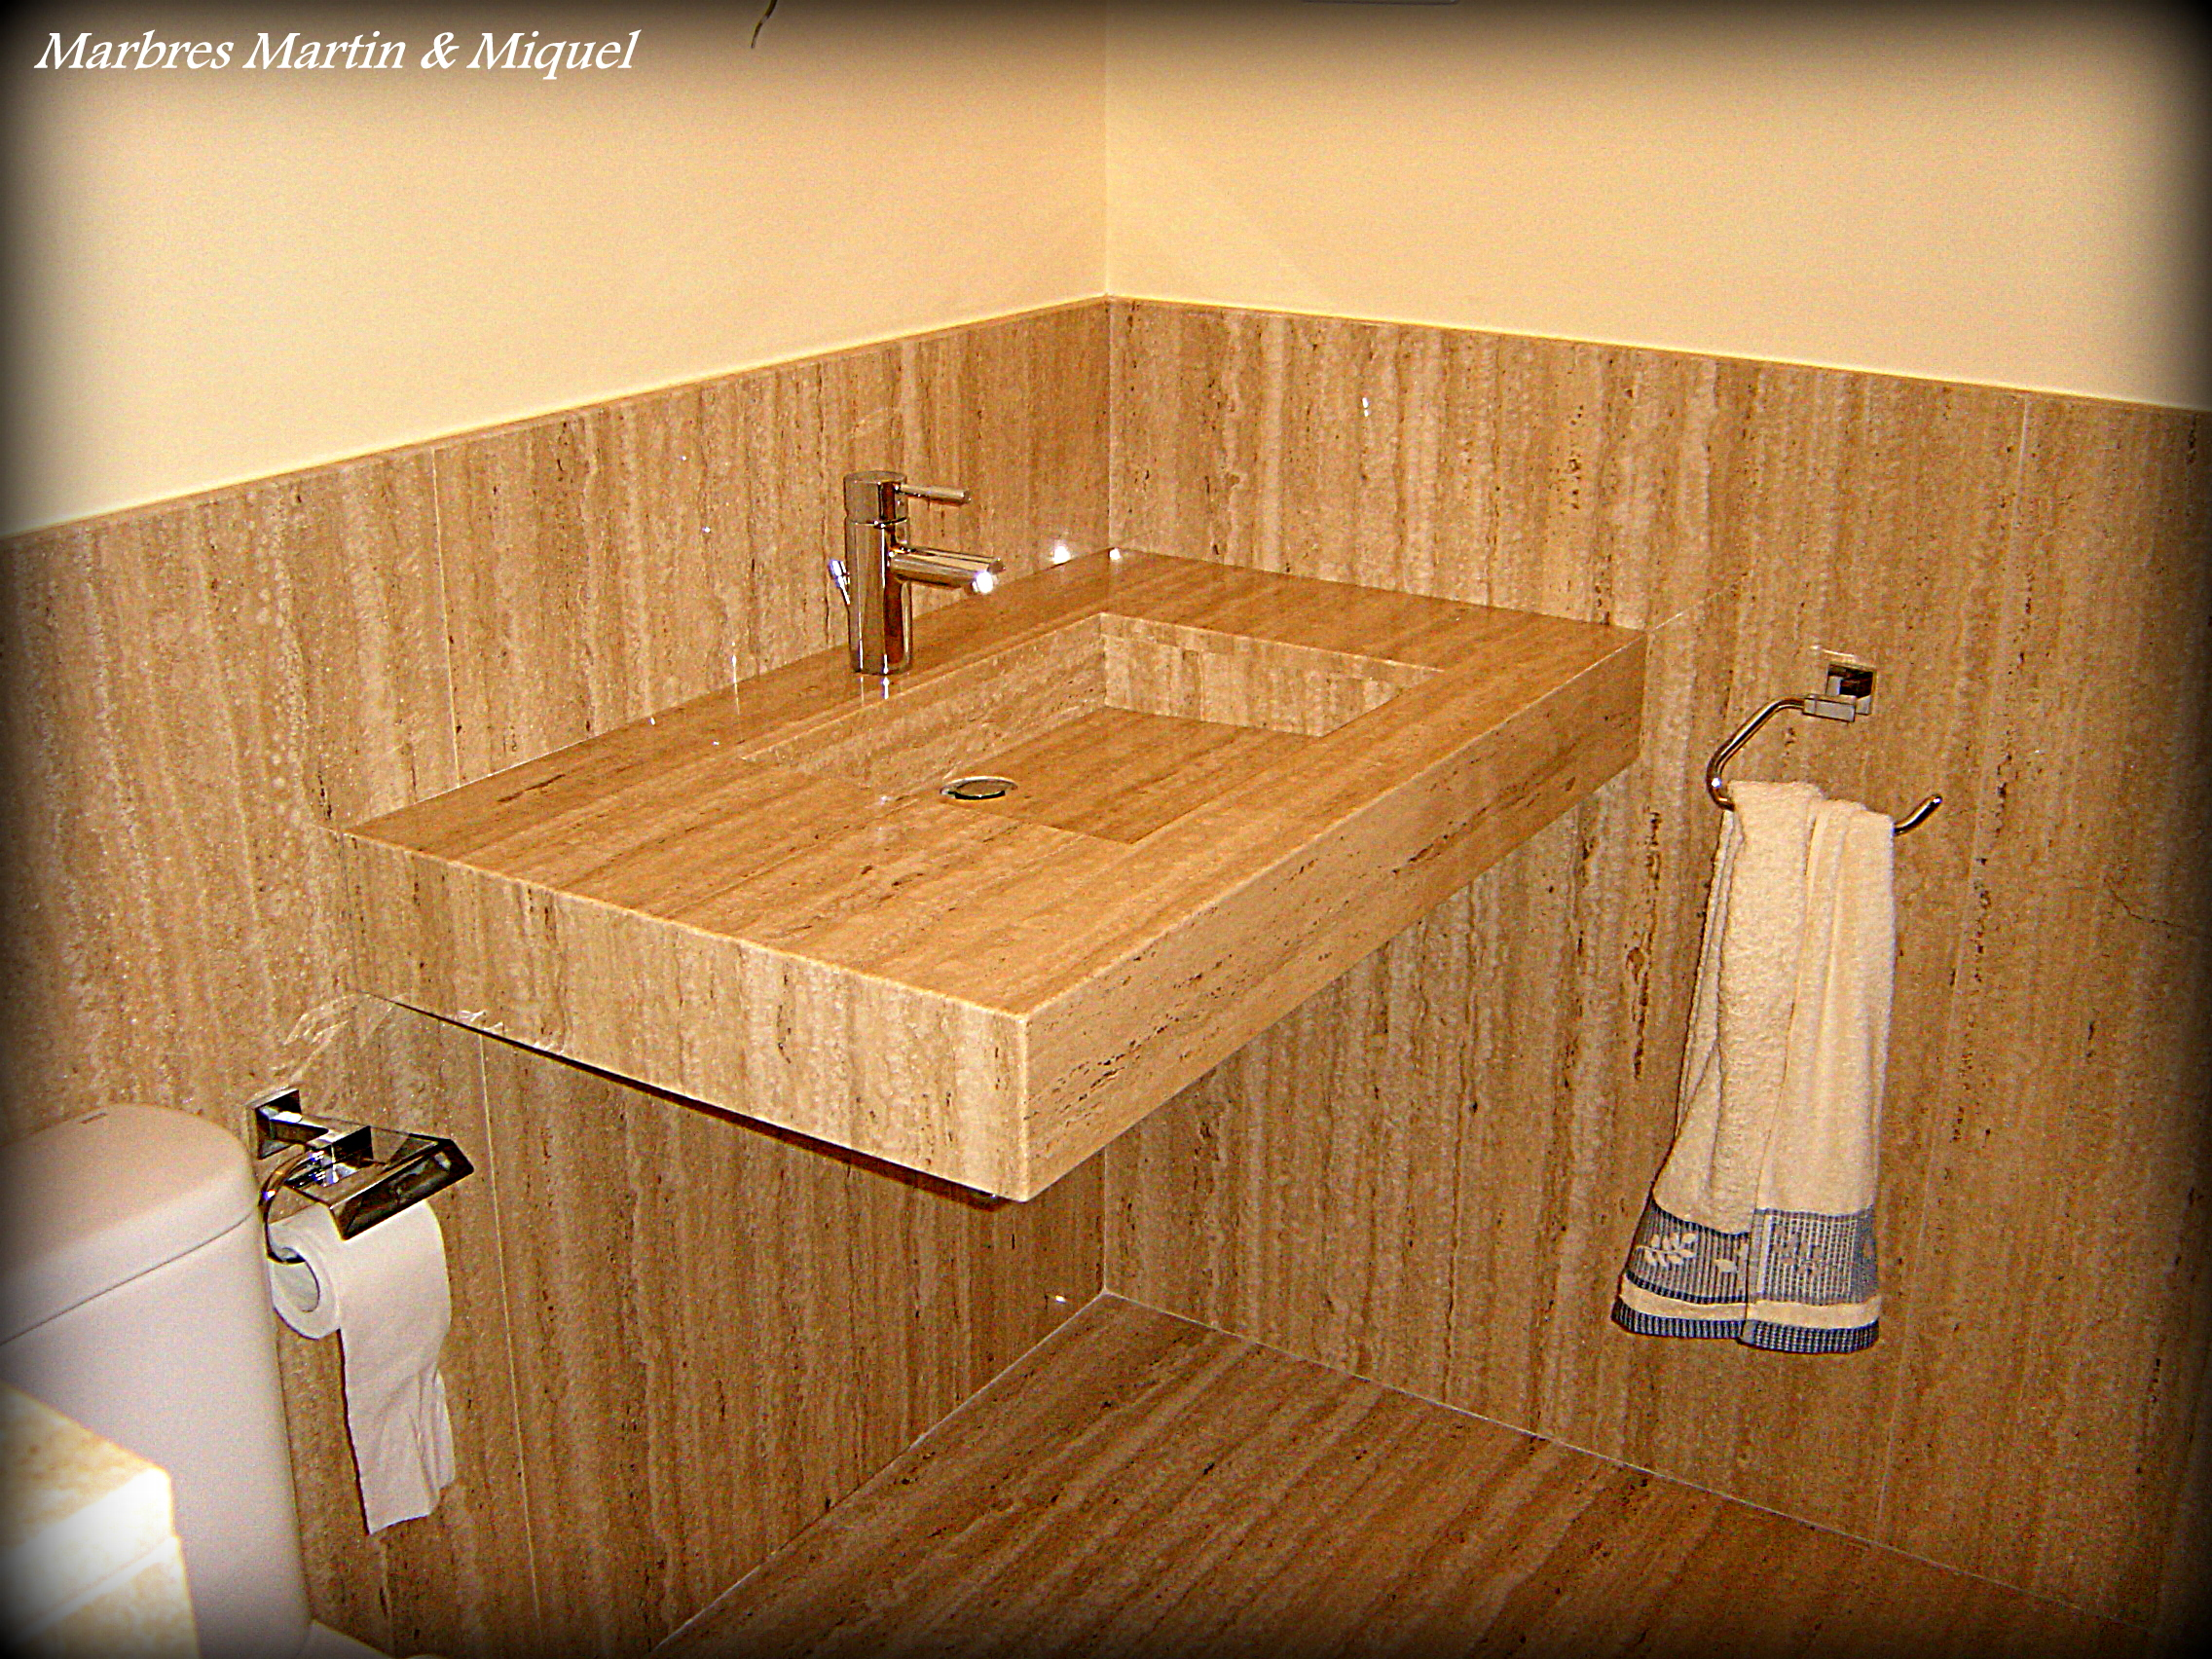 Marbres mart n miquel lavabos de m rmol for Lavabos de marmol y granito